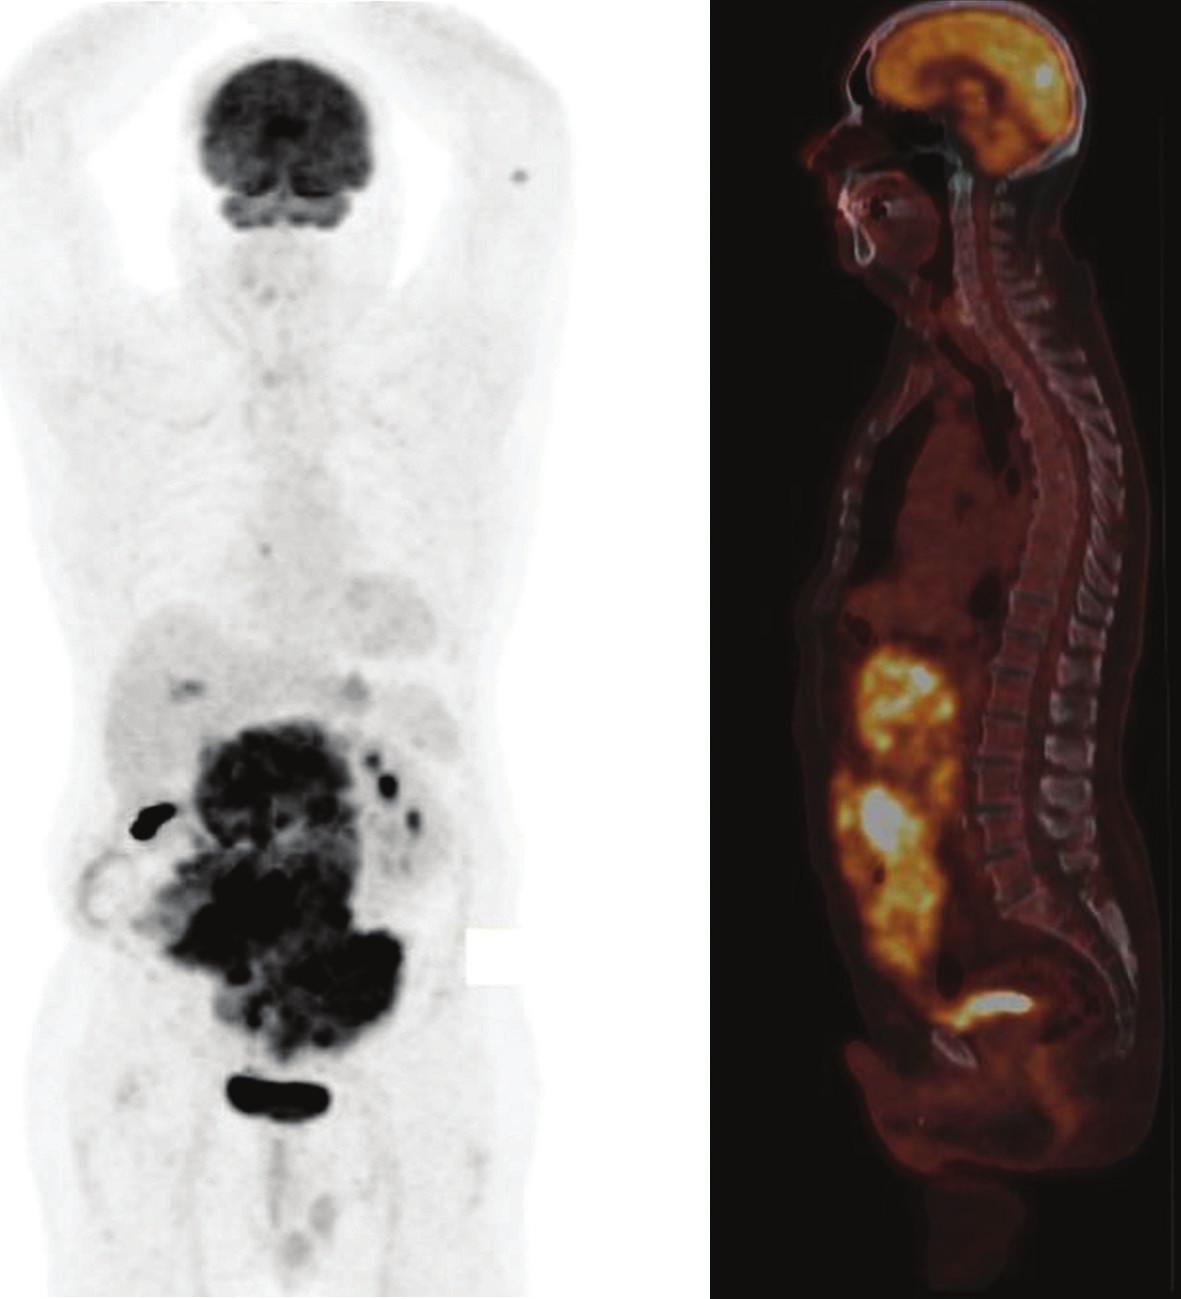 Obr. 3a. PET/CT s FDG, iniciálne vyšetrenie: vľavo: objemná hypermetabolická abdominálna masa (SUVmax 15,3), lymfatická uzlina parasternálne vpravo a ložisko v kostnej dreni ľavého humeru distálne.